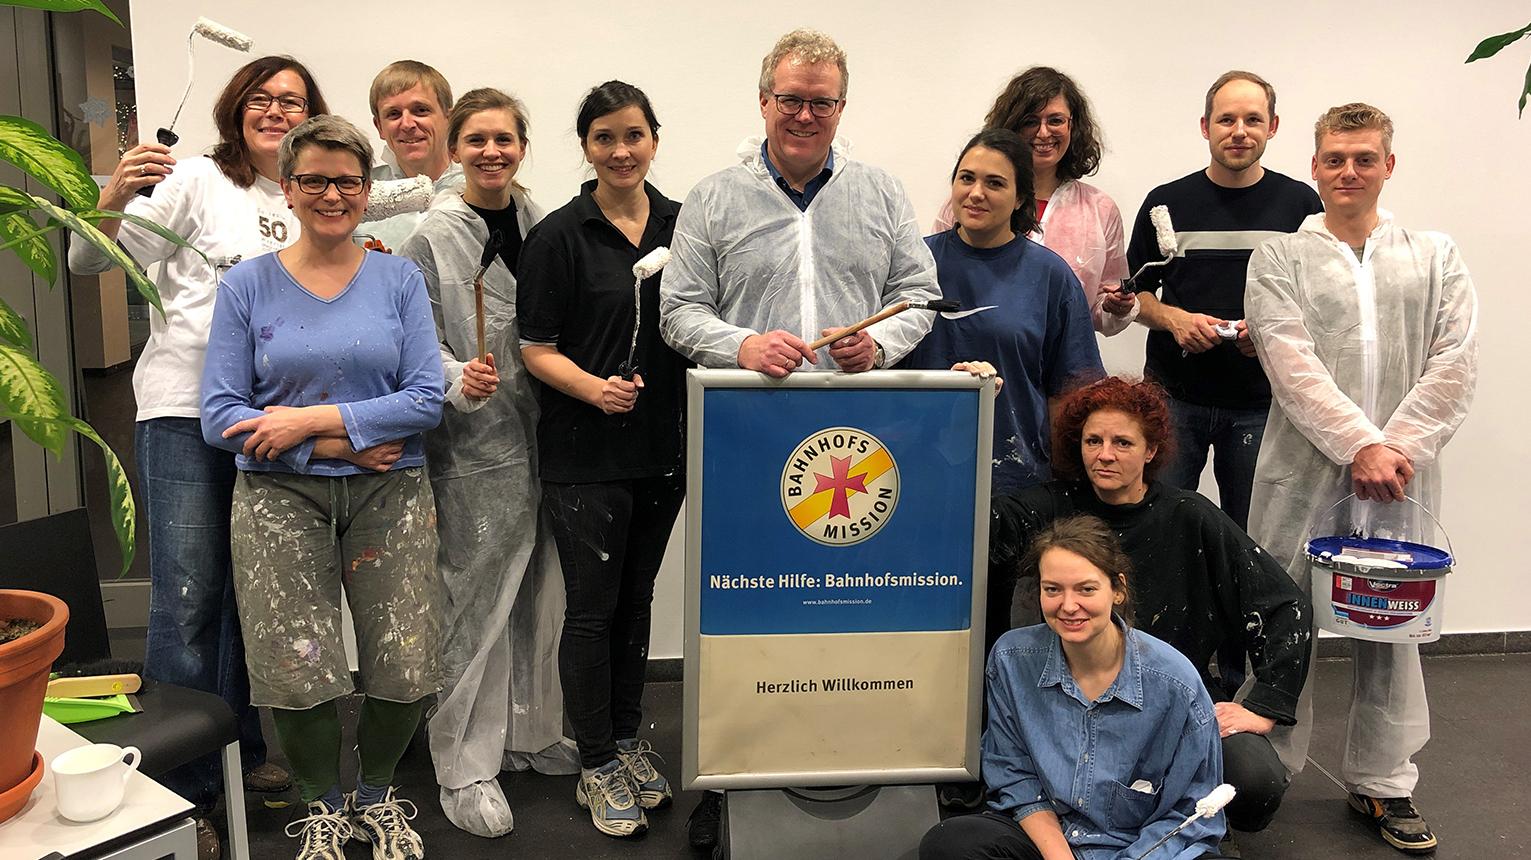 Weihnachten 2018: Allianz pro Schiene / Bahnhofsmission